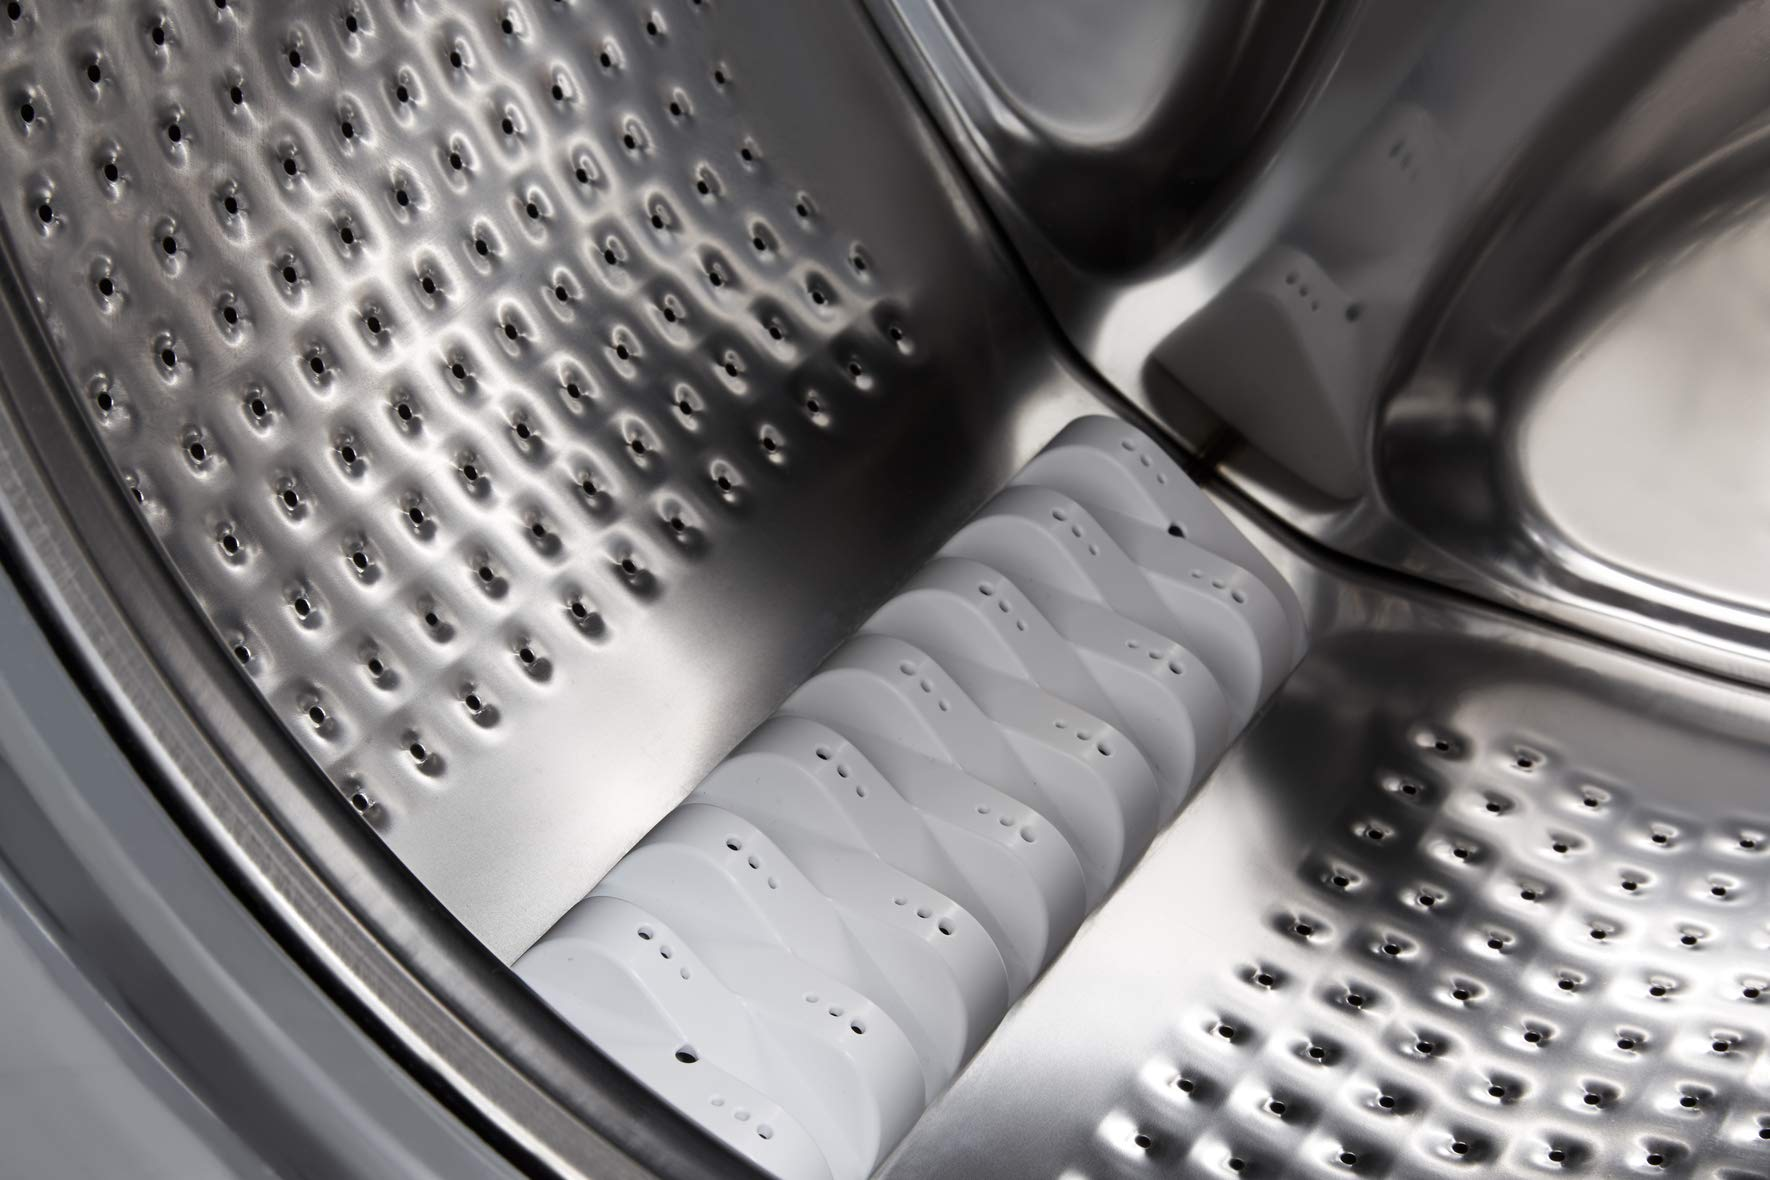 Bauknecht-WM-AutoDos-9-ZEN-Waschmaschine-Frontlader-A-50-B-9-kg-1400-UpM-AutoDoseZEN-Direktantriebleise-mit-49-dBSoftMoveEcoMonitorVollwasserschutzKurz-OptionFetigIn